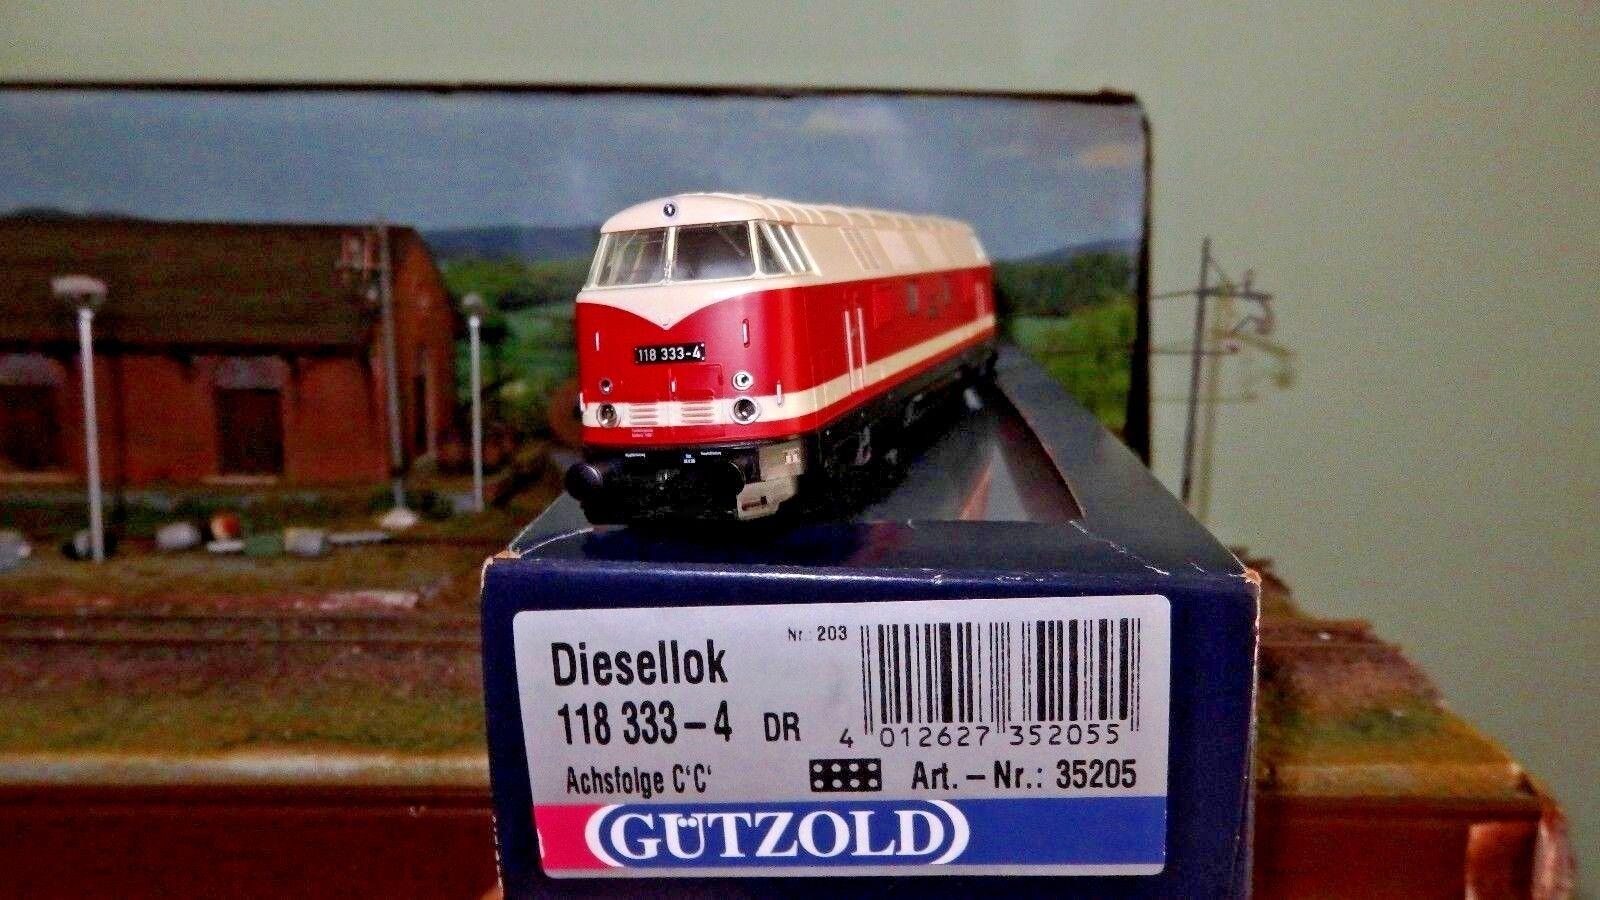 Gützold 35205 118 333-4 DR  DDR  livrea rosso/bianco telaio nero, fascia bianca